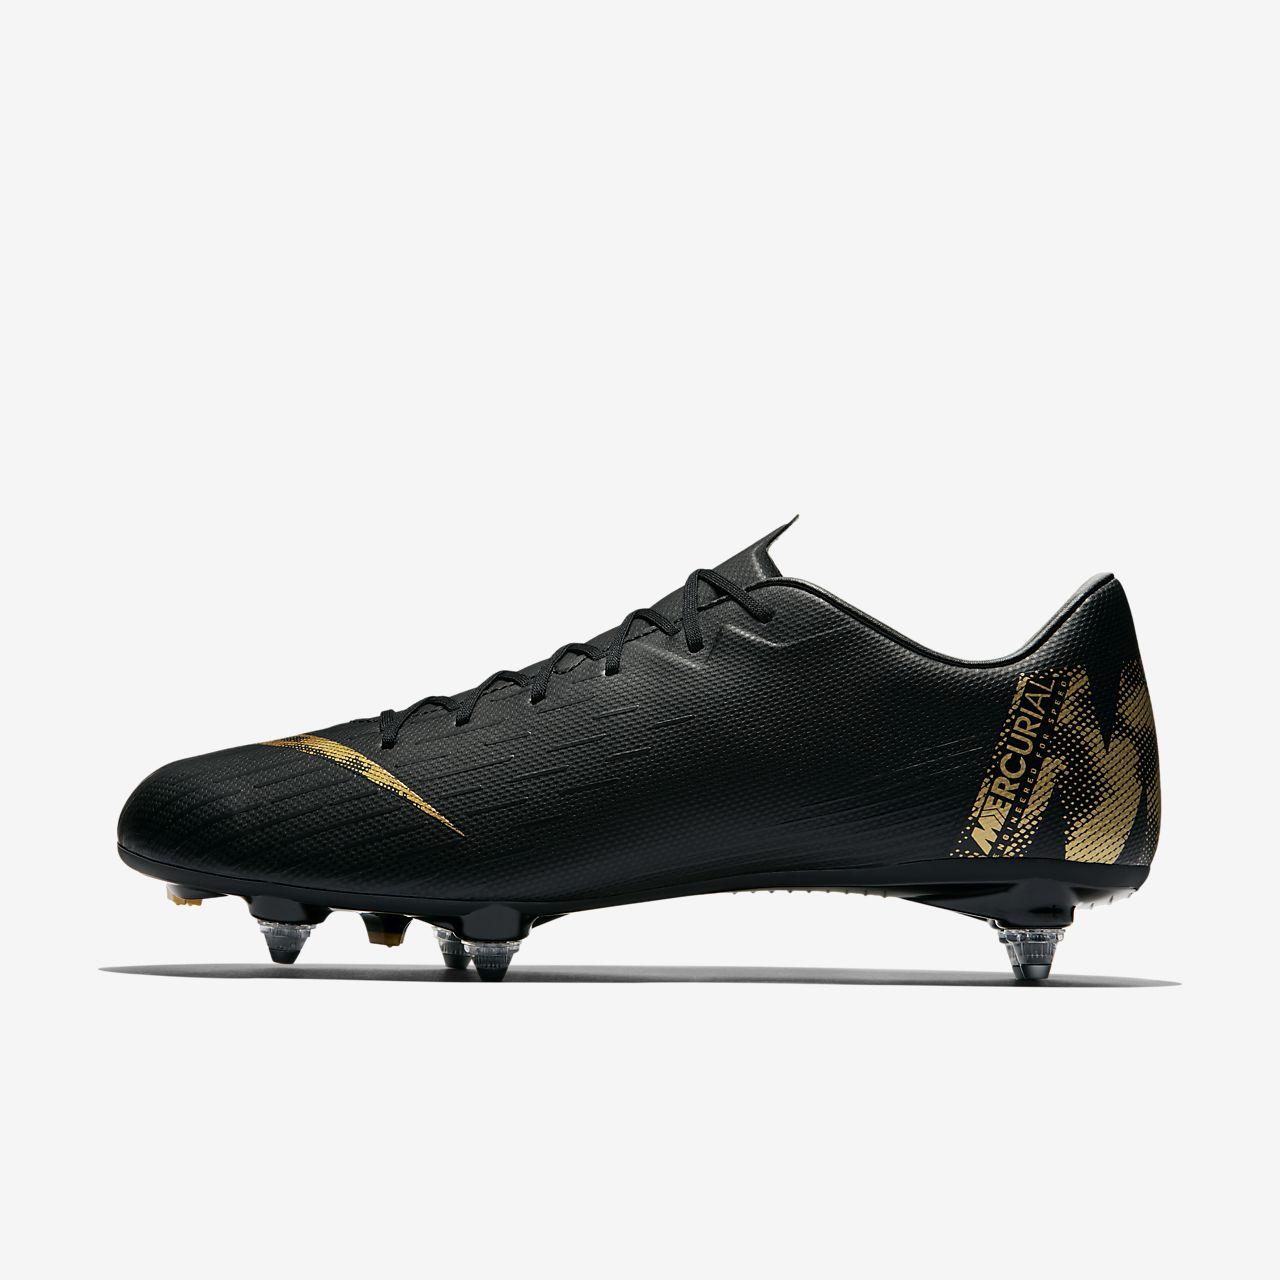 d45ac879 ... Футбольные бутсы для игры на мягком грунте Nike Mercurial Vapor XII  Academy SG-PRO